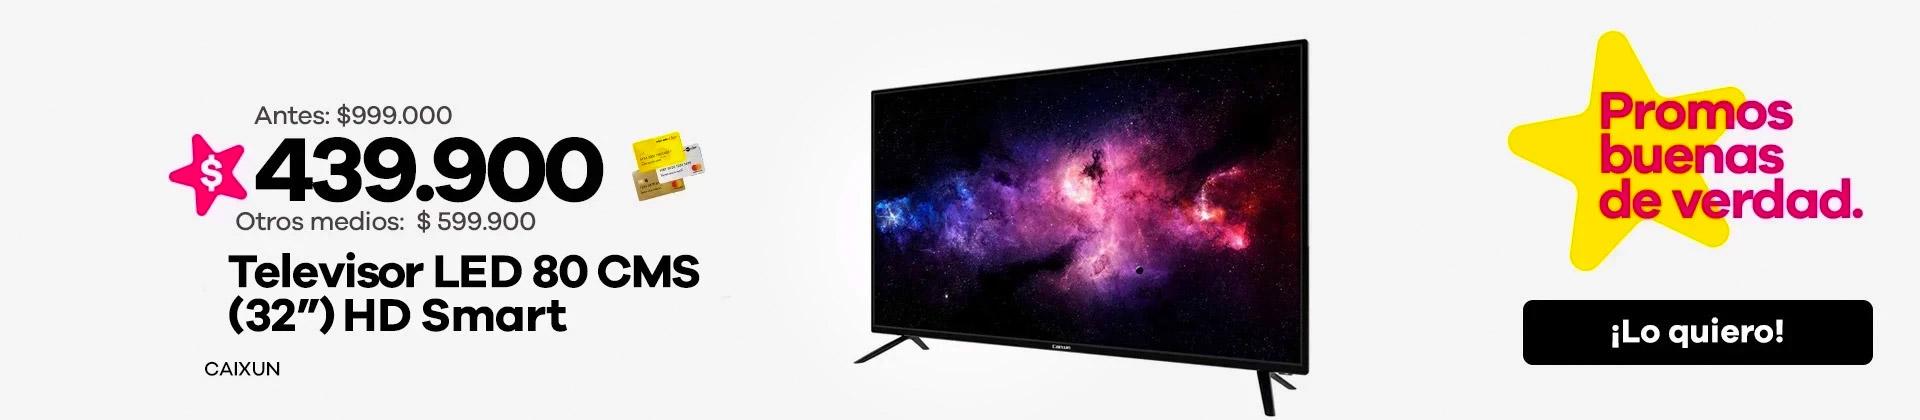 Televisor LED 80 cms